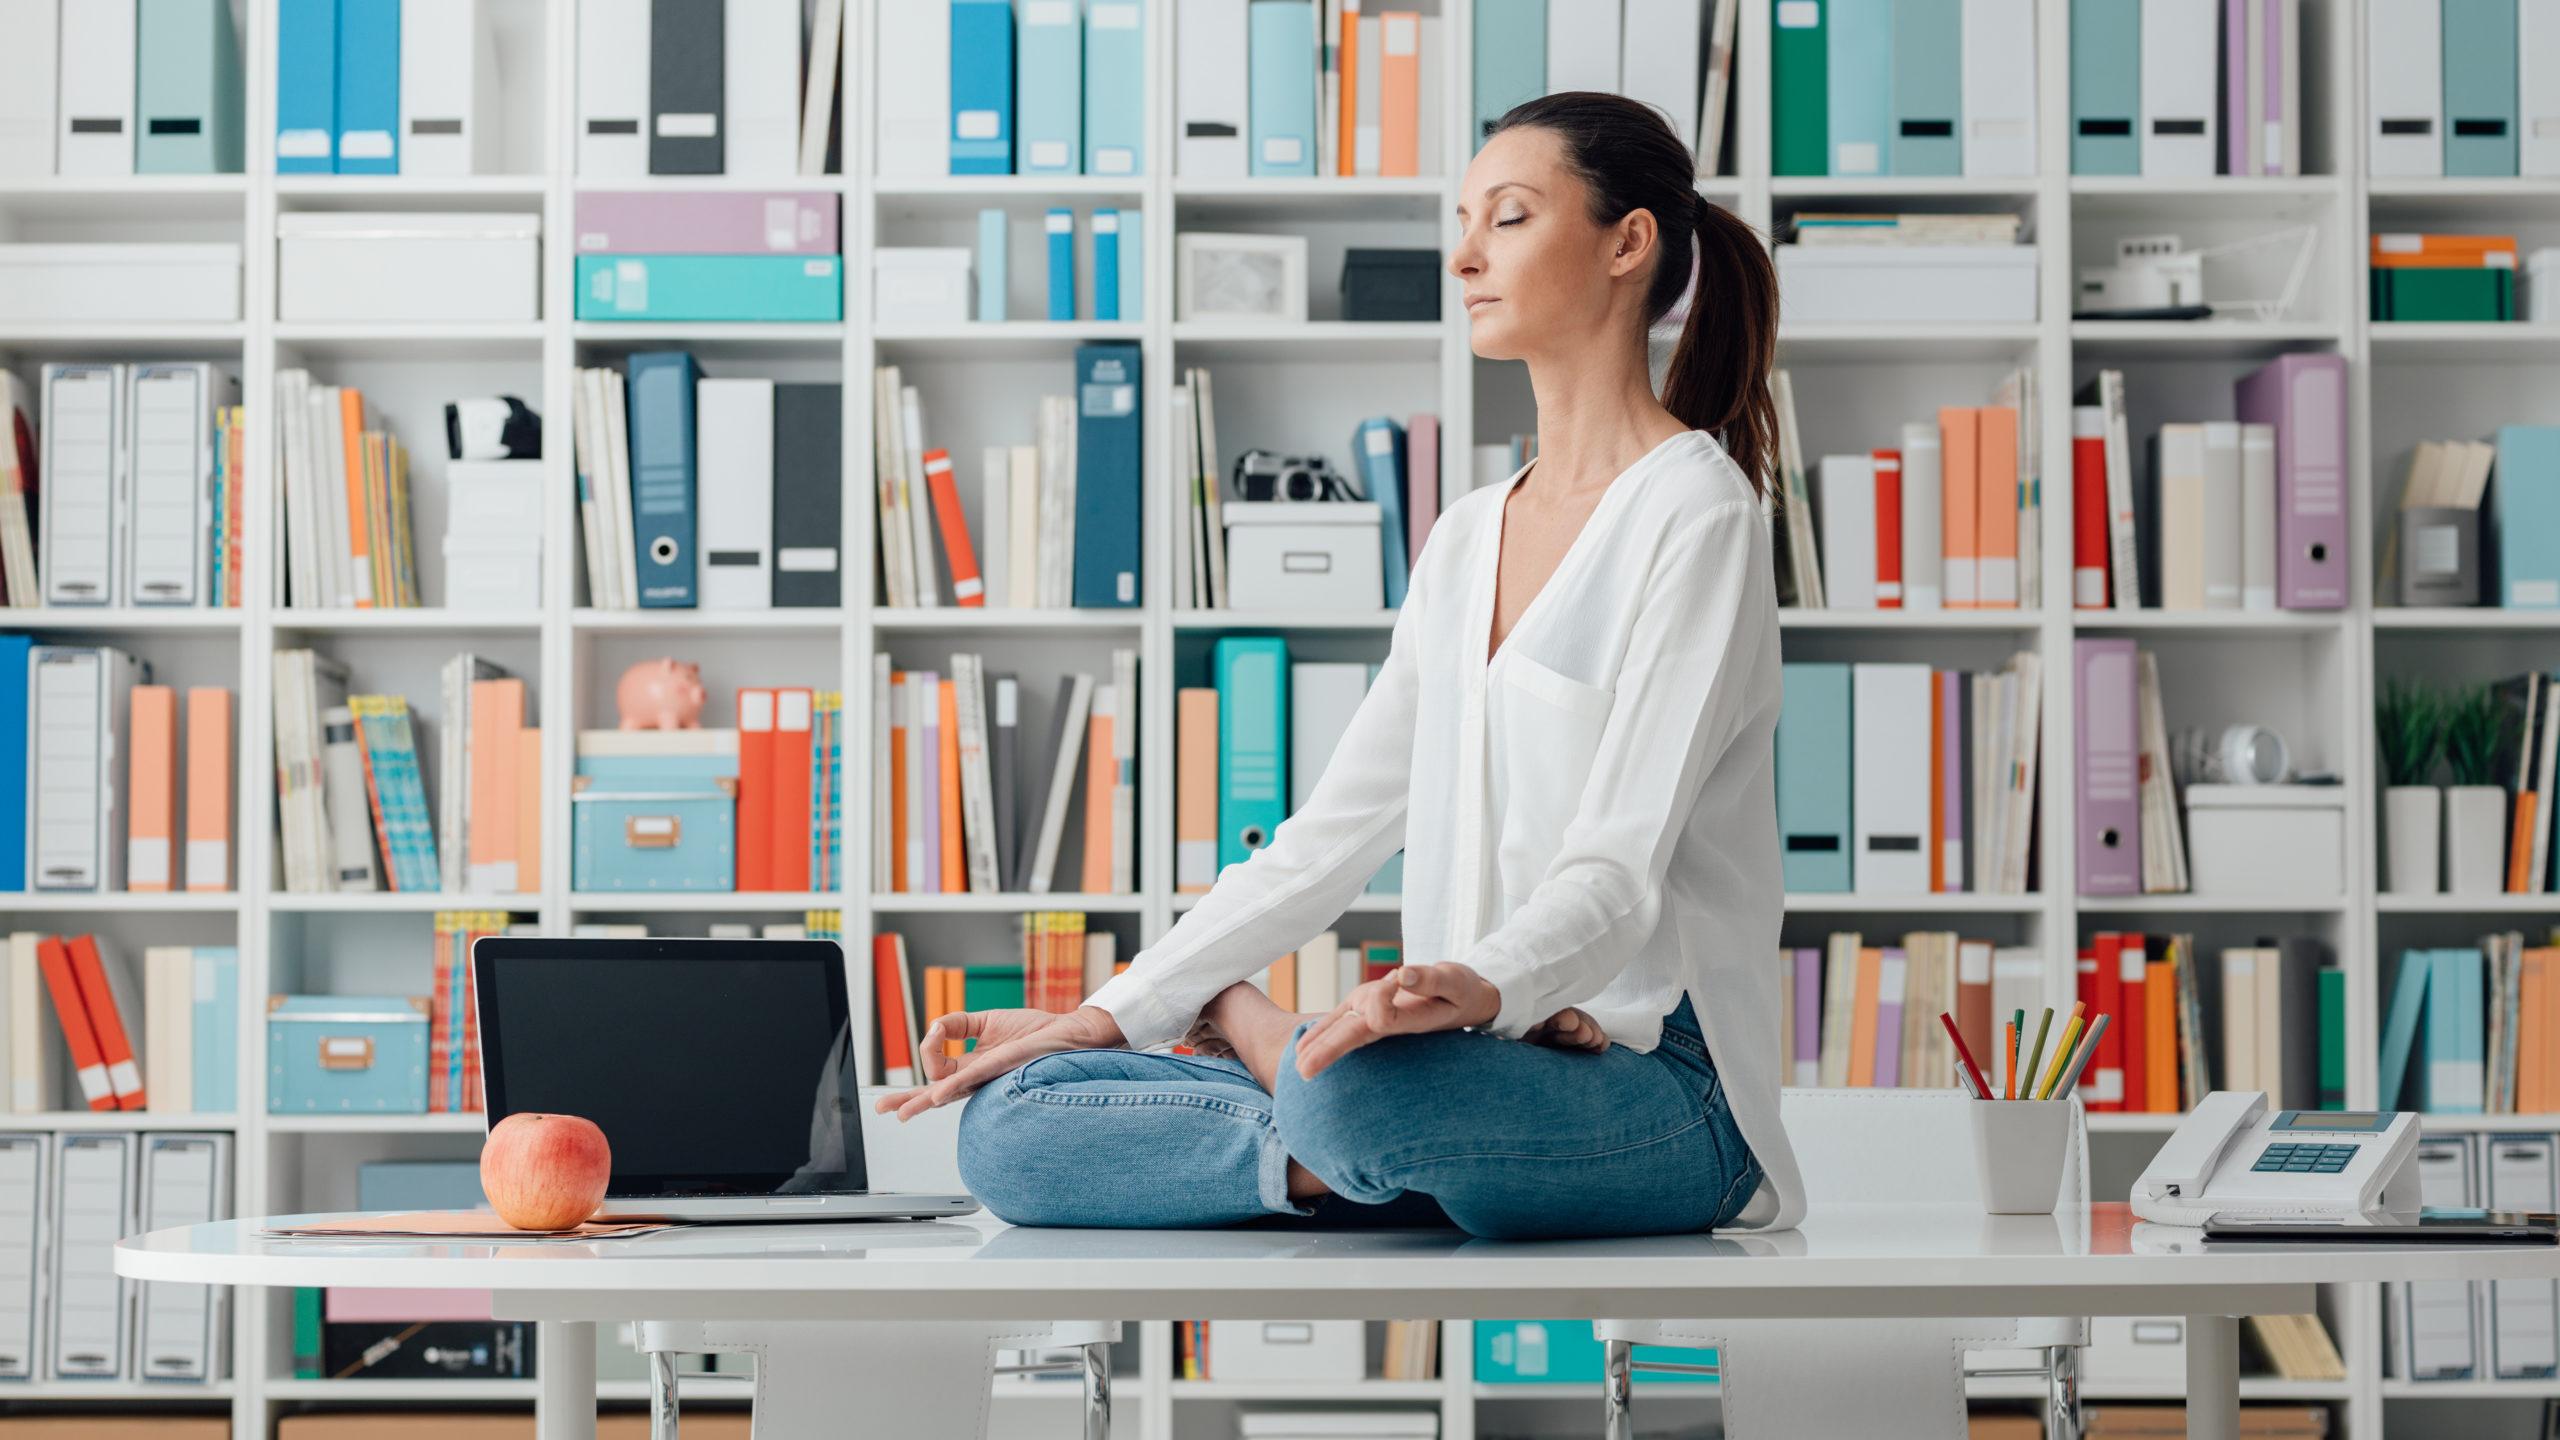 Медитация, стресс, бессонница, тревога, панические атаки, способы медитации для начинающих